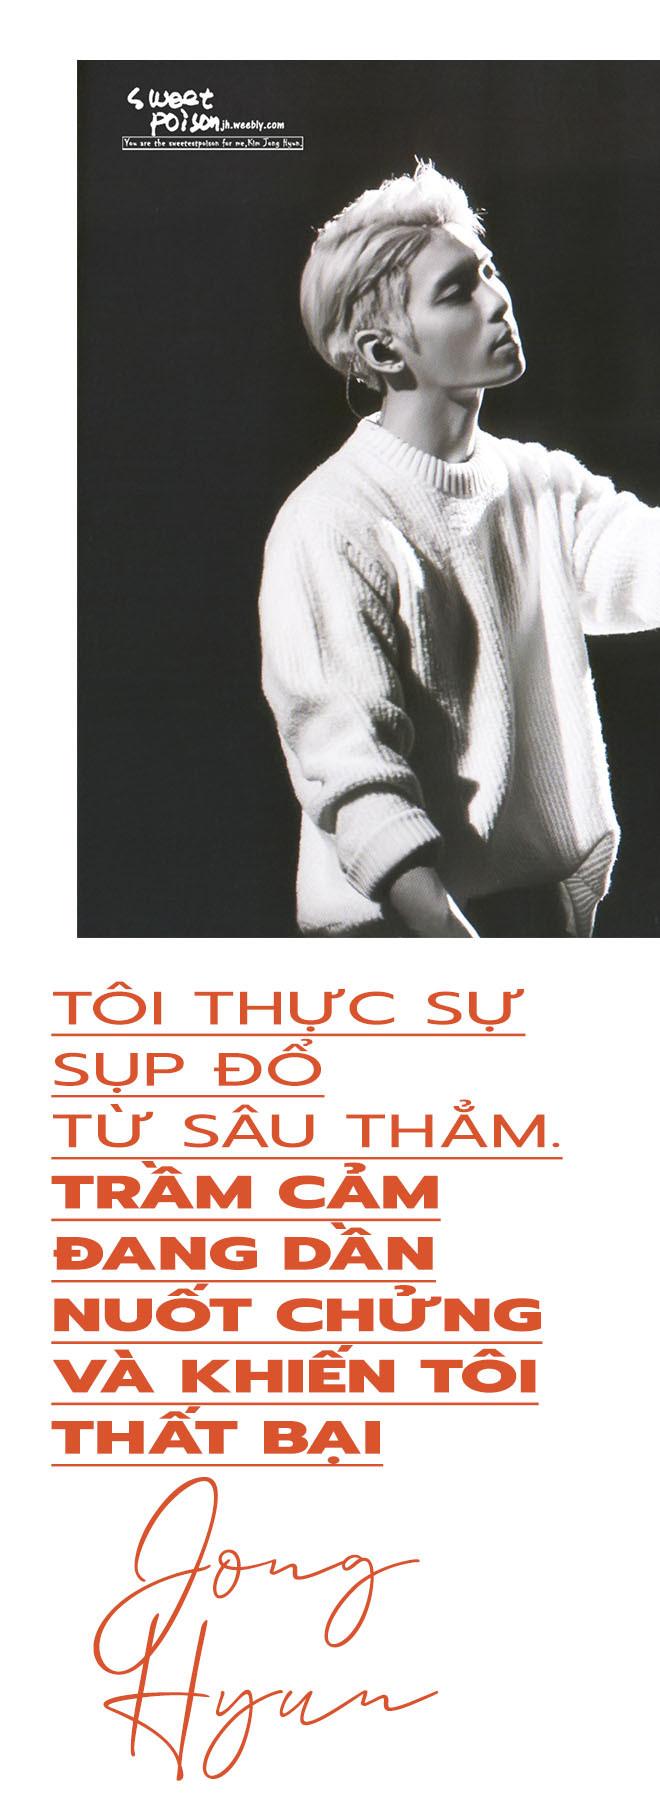 Vi sao nganh cong nghiep giai tri Han Quoc dang so bac nhat the gioi? hinh anh 12